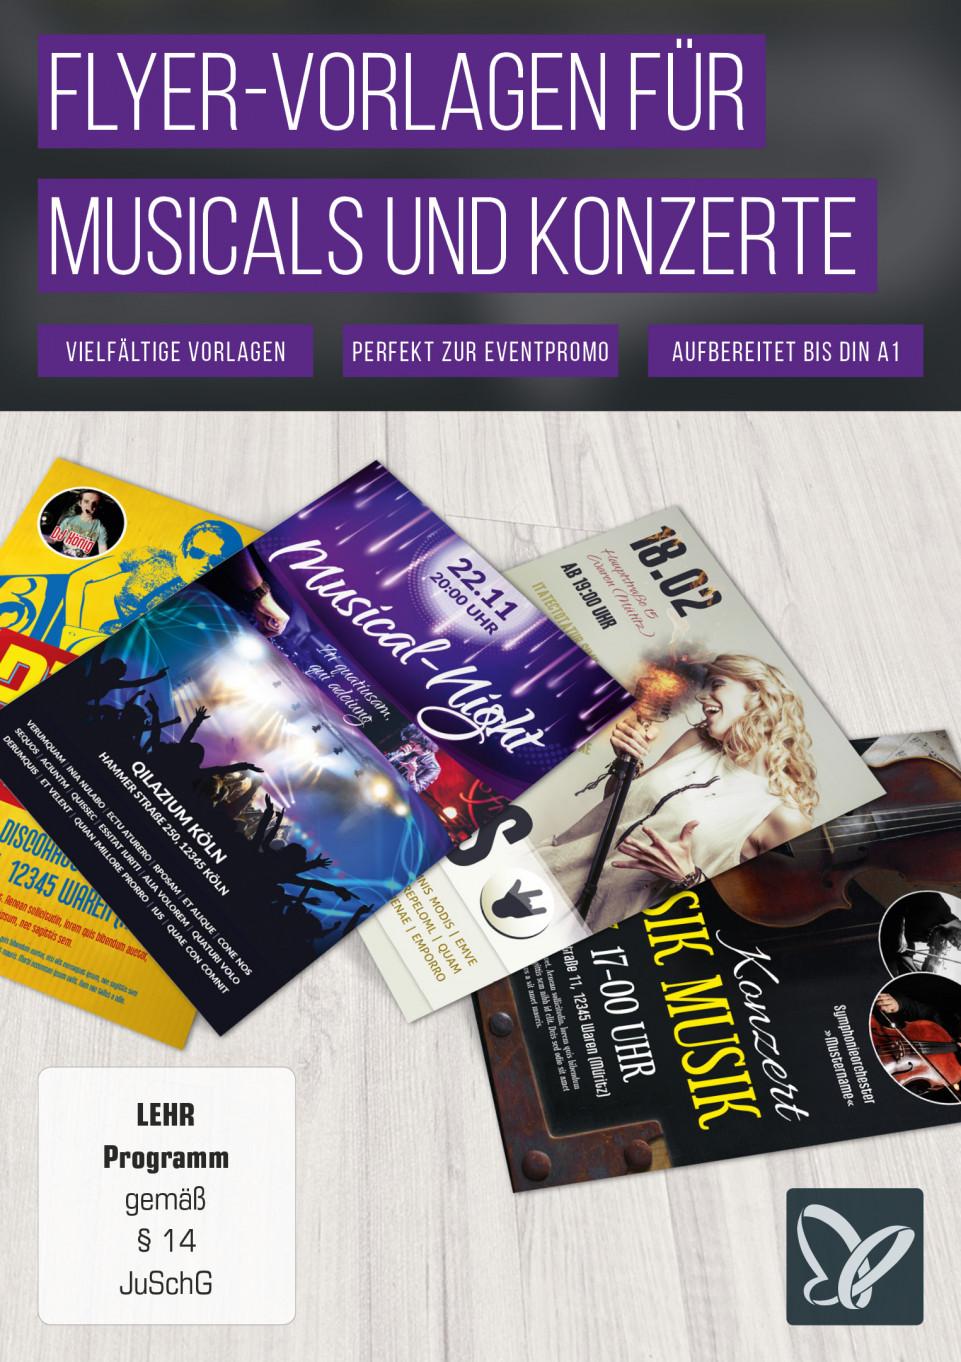 Flyer-Vorlagen für Konzerte, Discos und Musicals